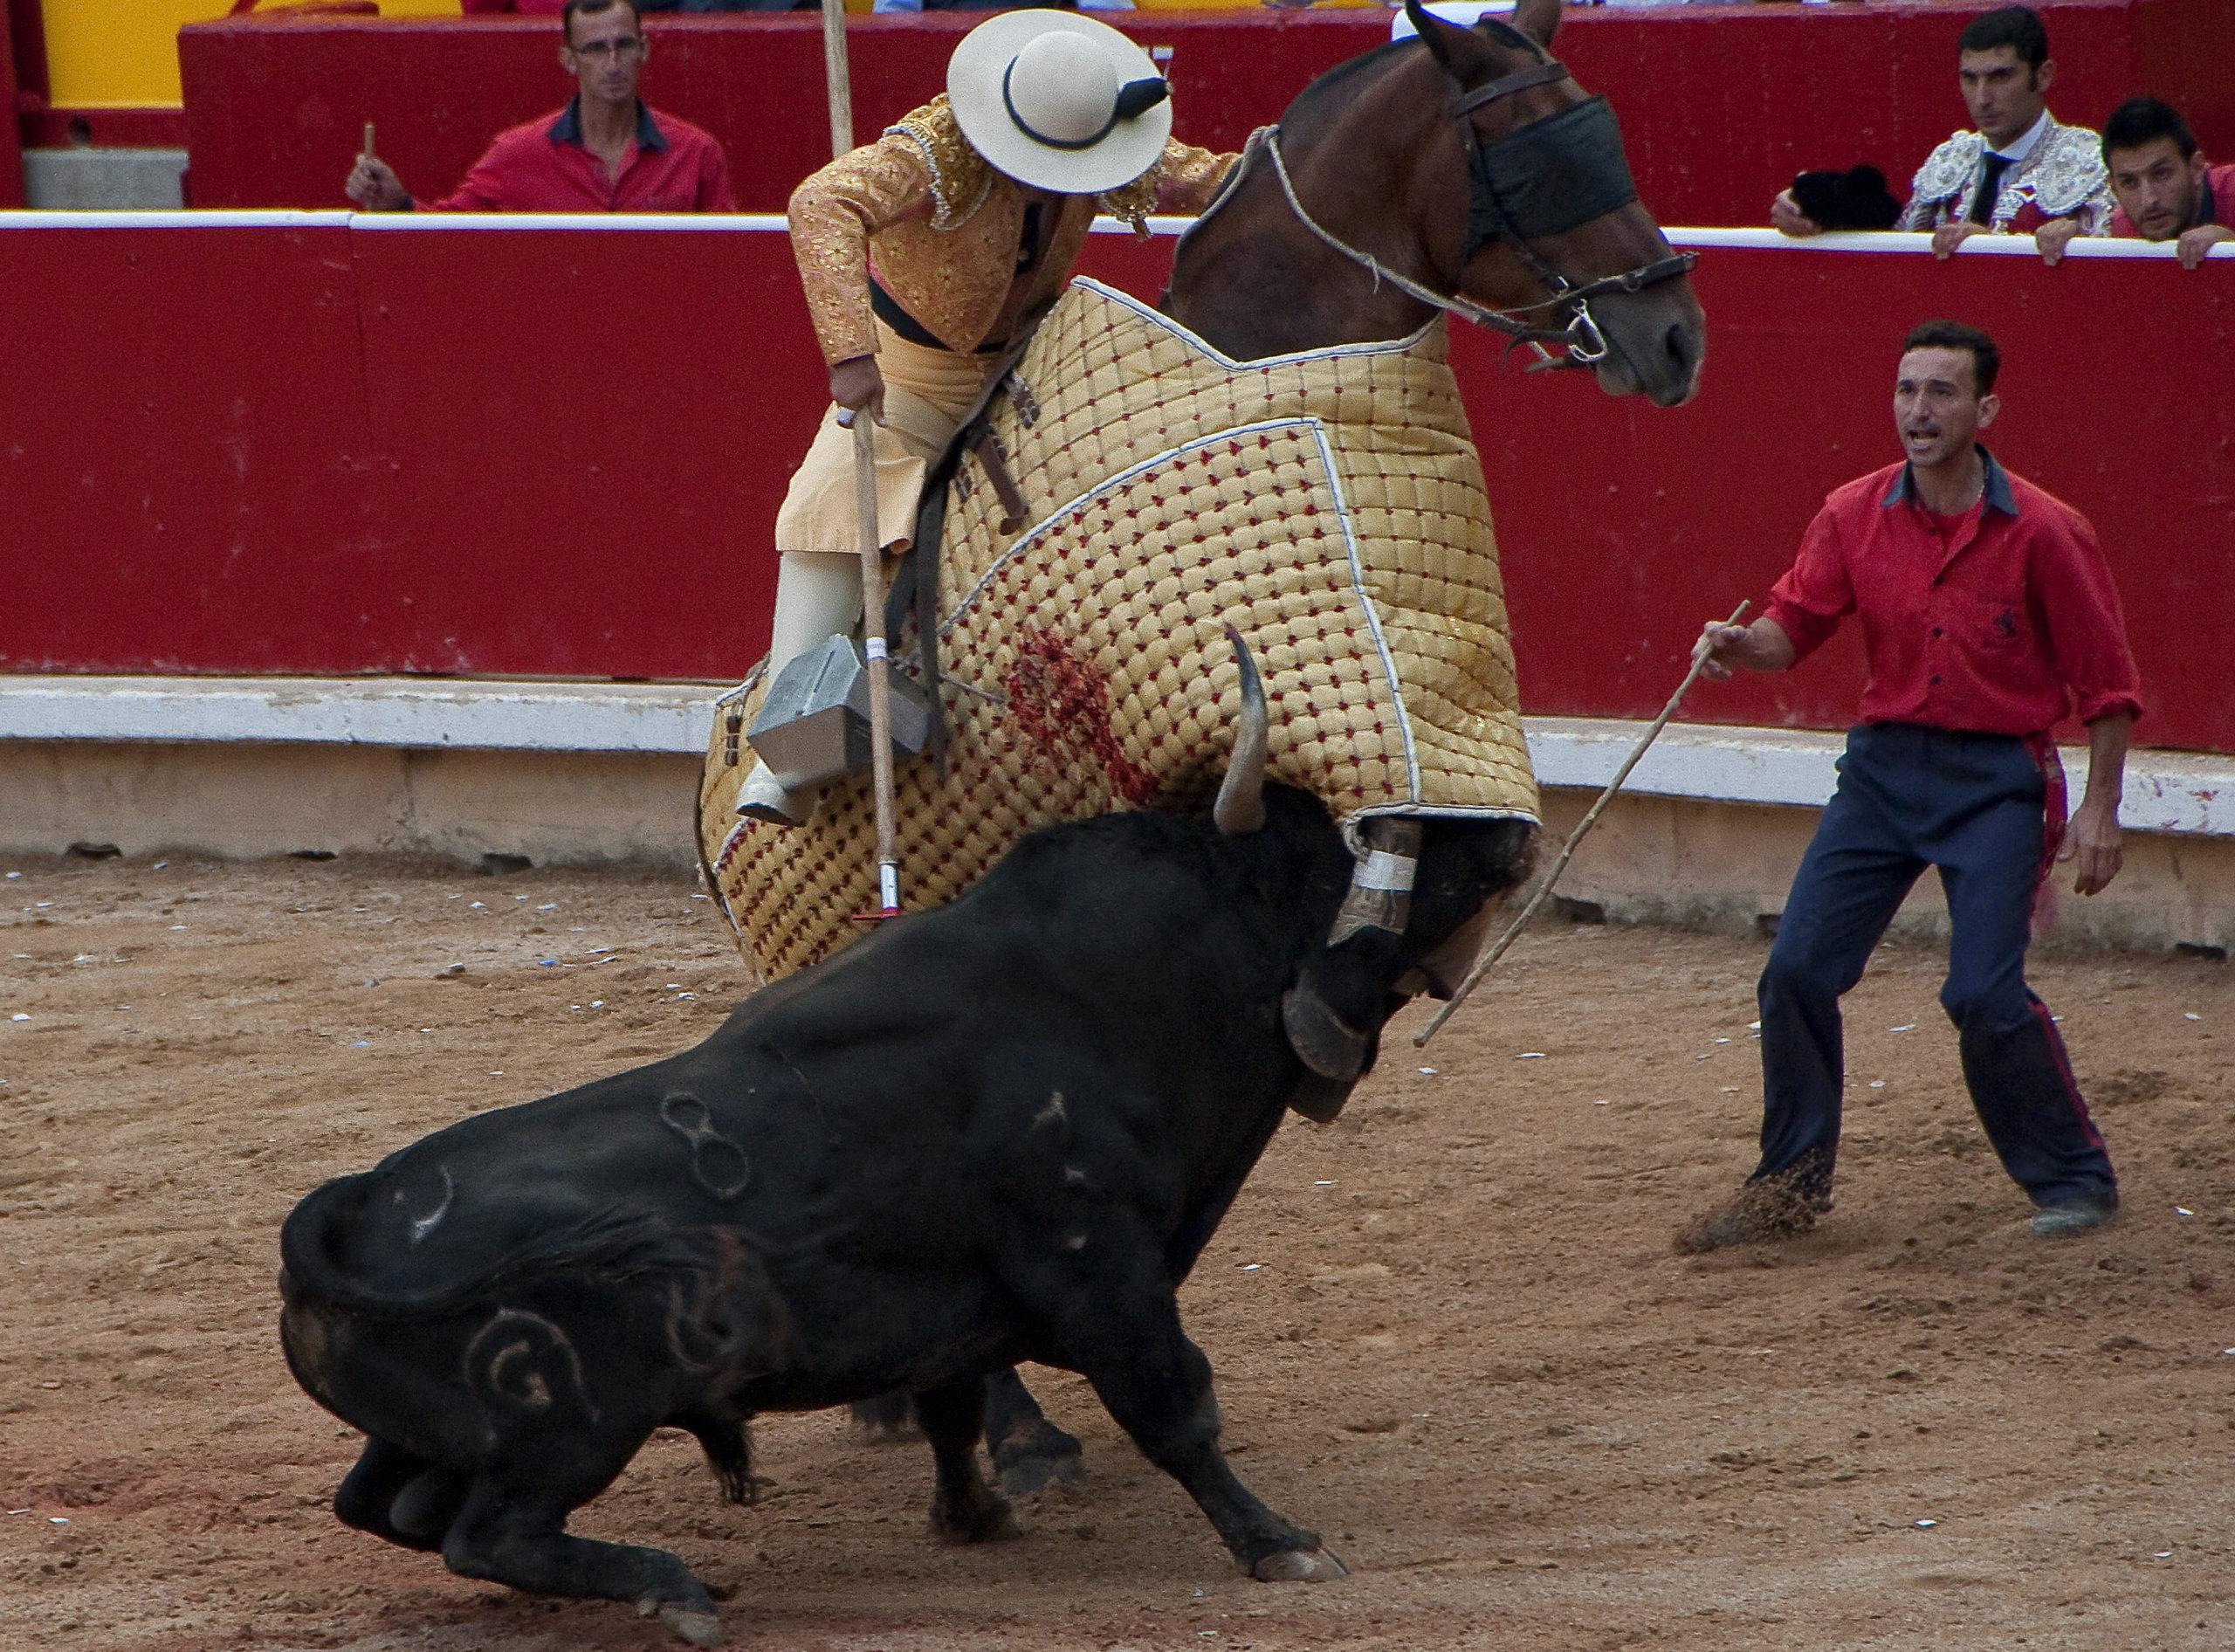 Toro de Fuente Ymbro: Antonio urtasun